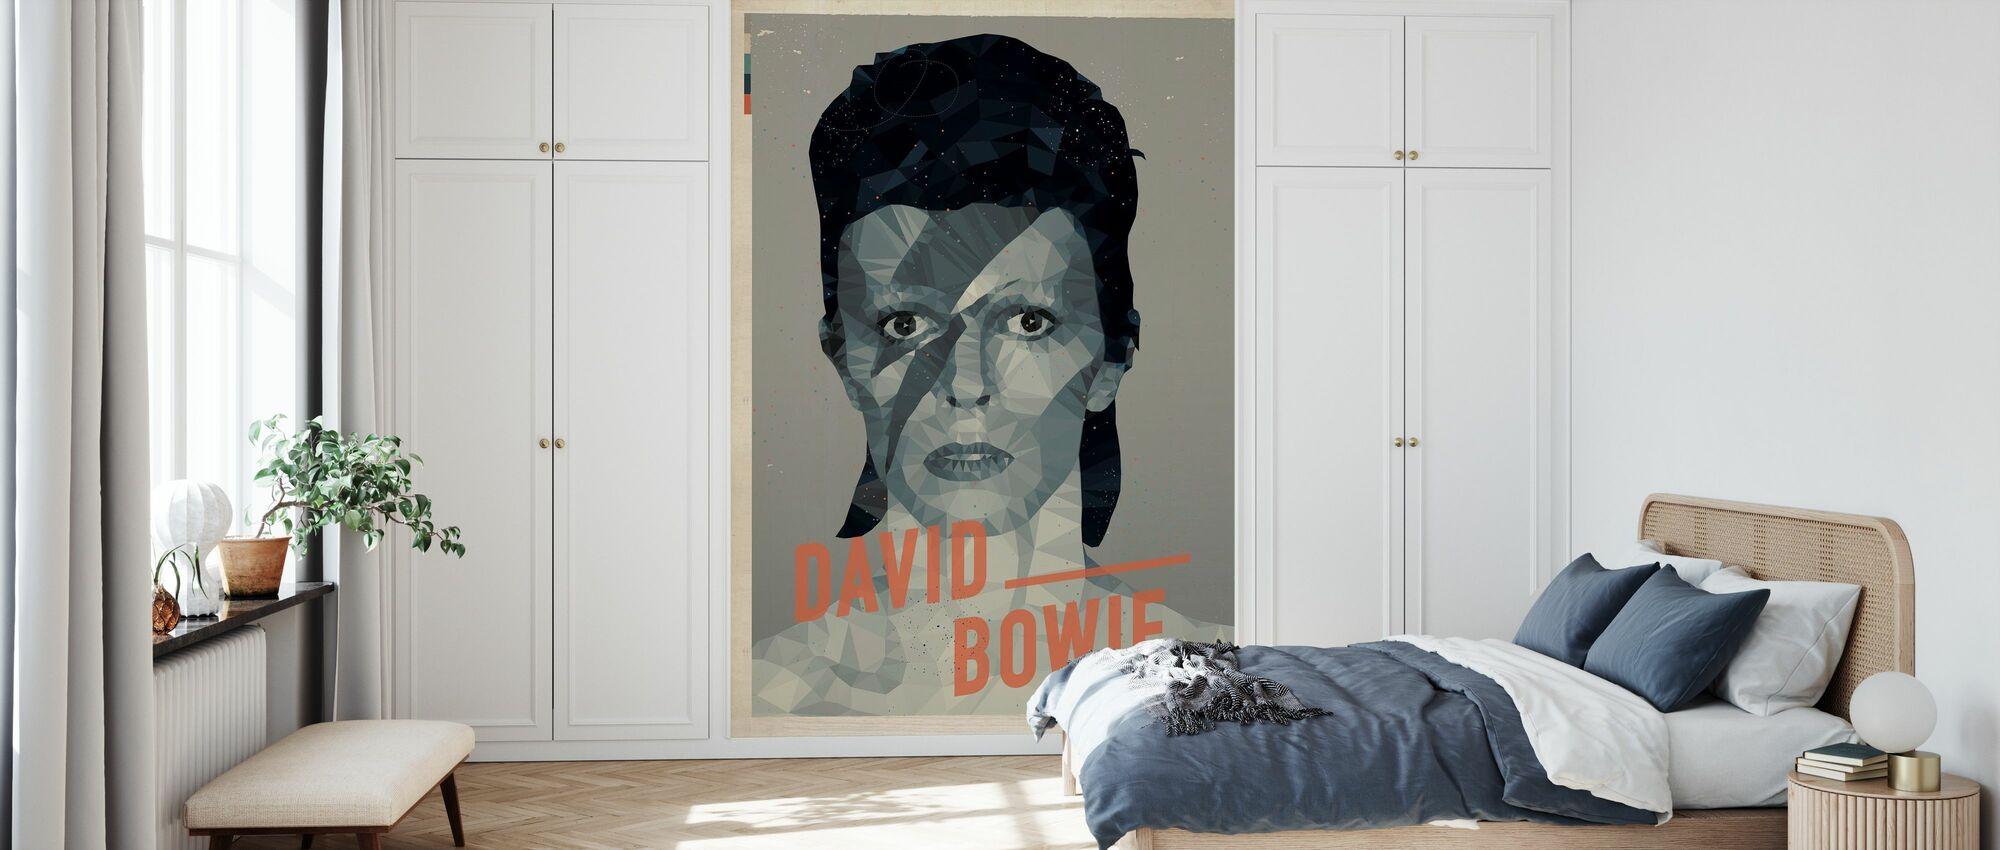 Major Tom - Wallpaper - Bedroom